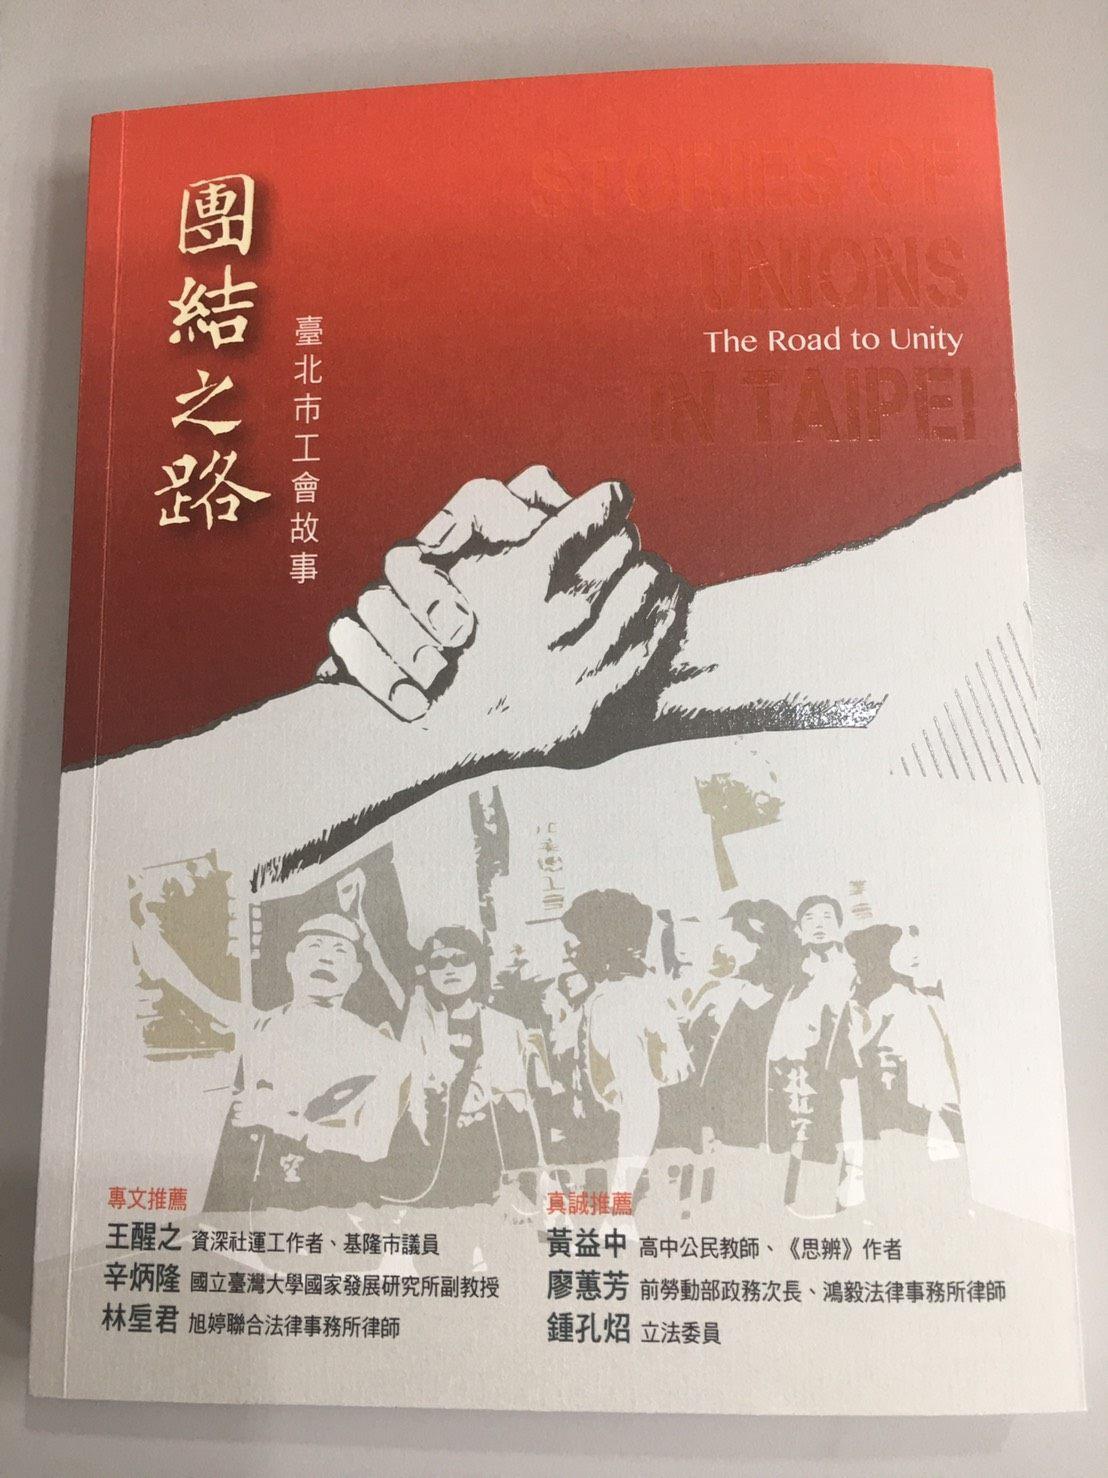 本書名為「團結之路」,希望「勞工要團結,團結有力量」